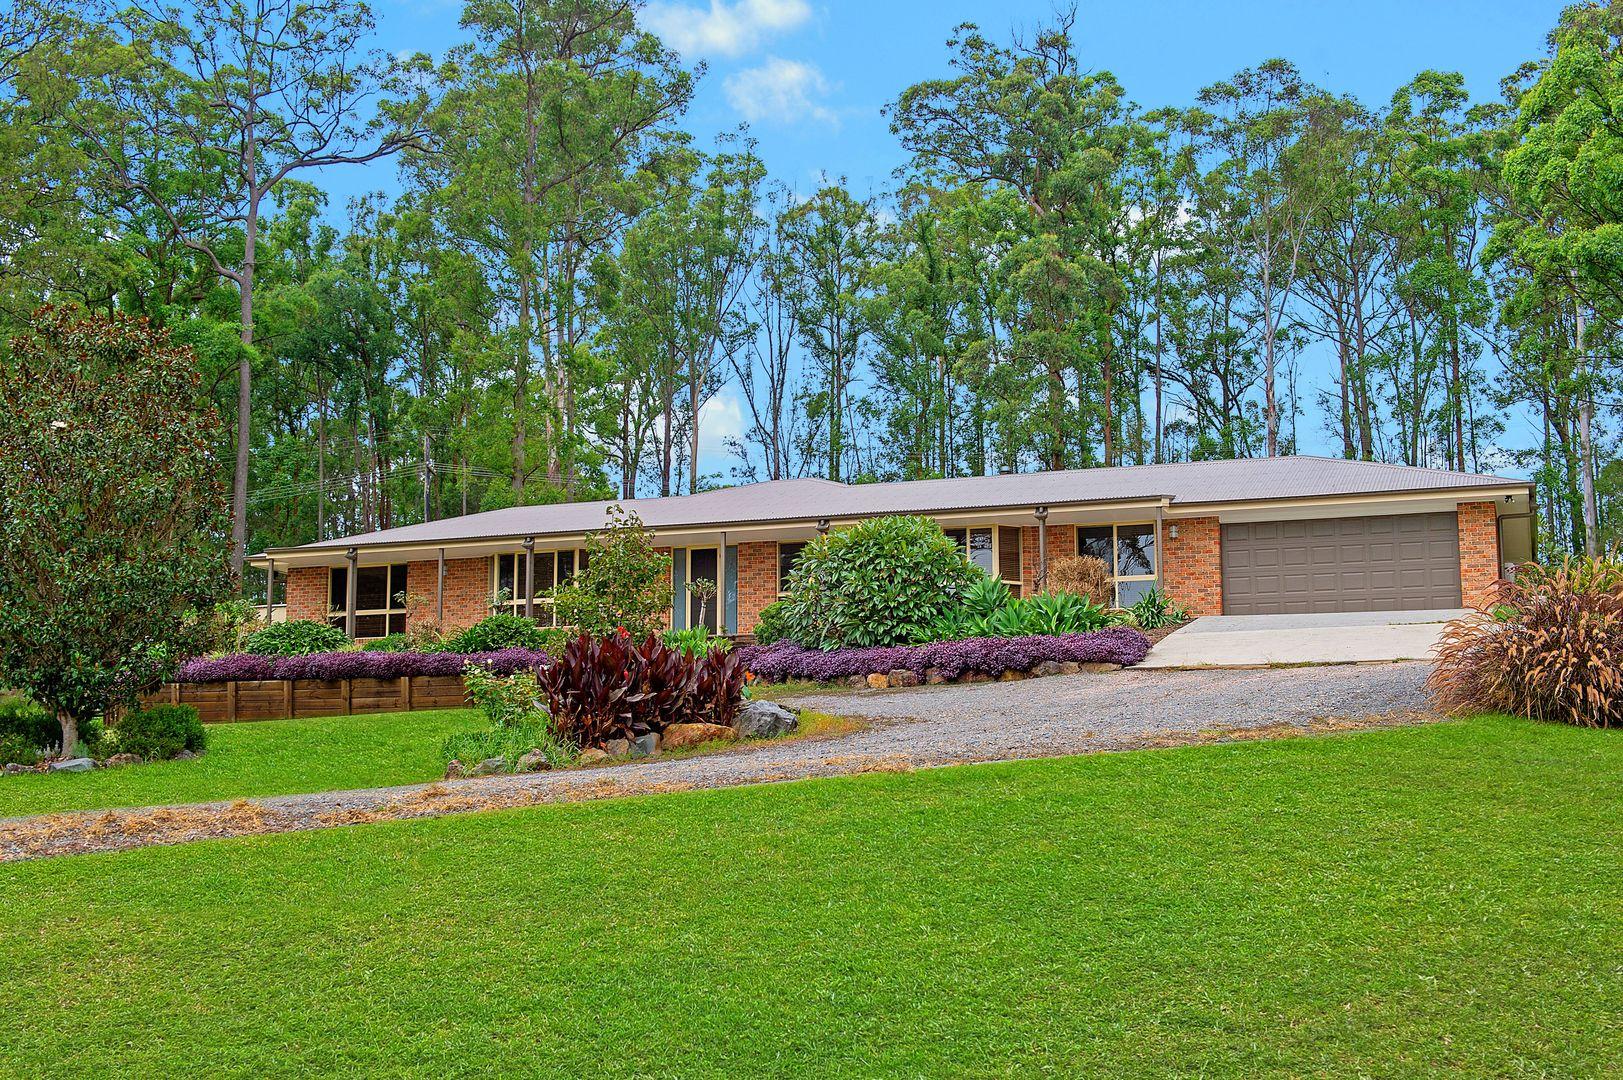 63 Le Clos (sancrox), Wauchope NSW 2446, Image 0